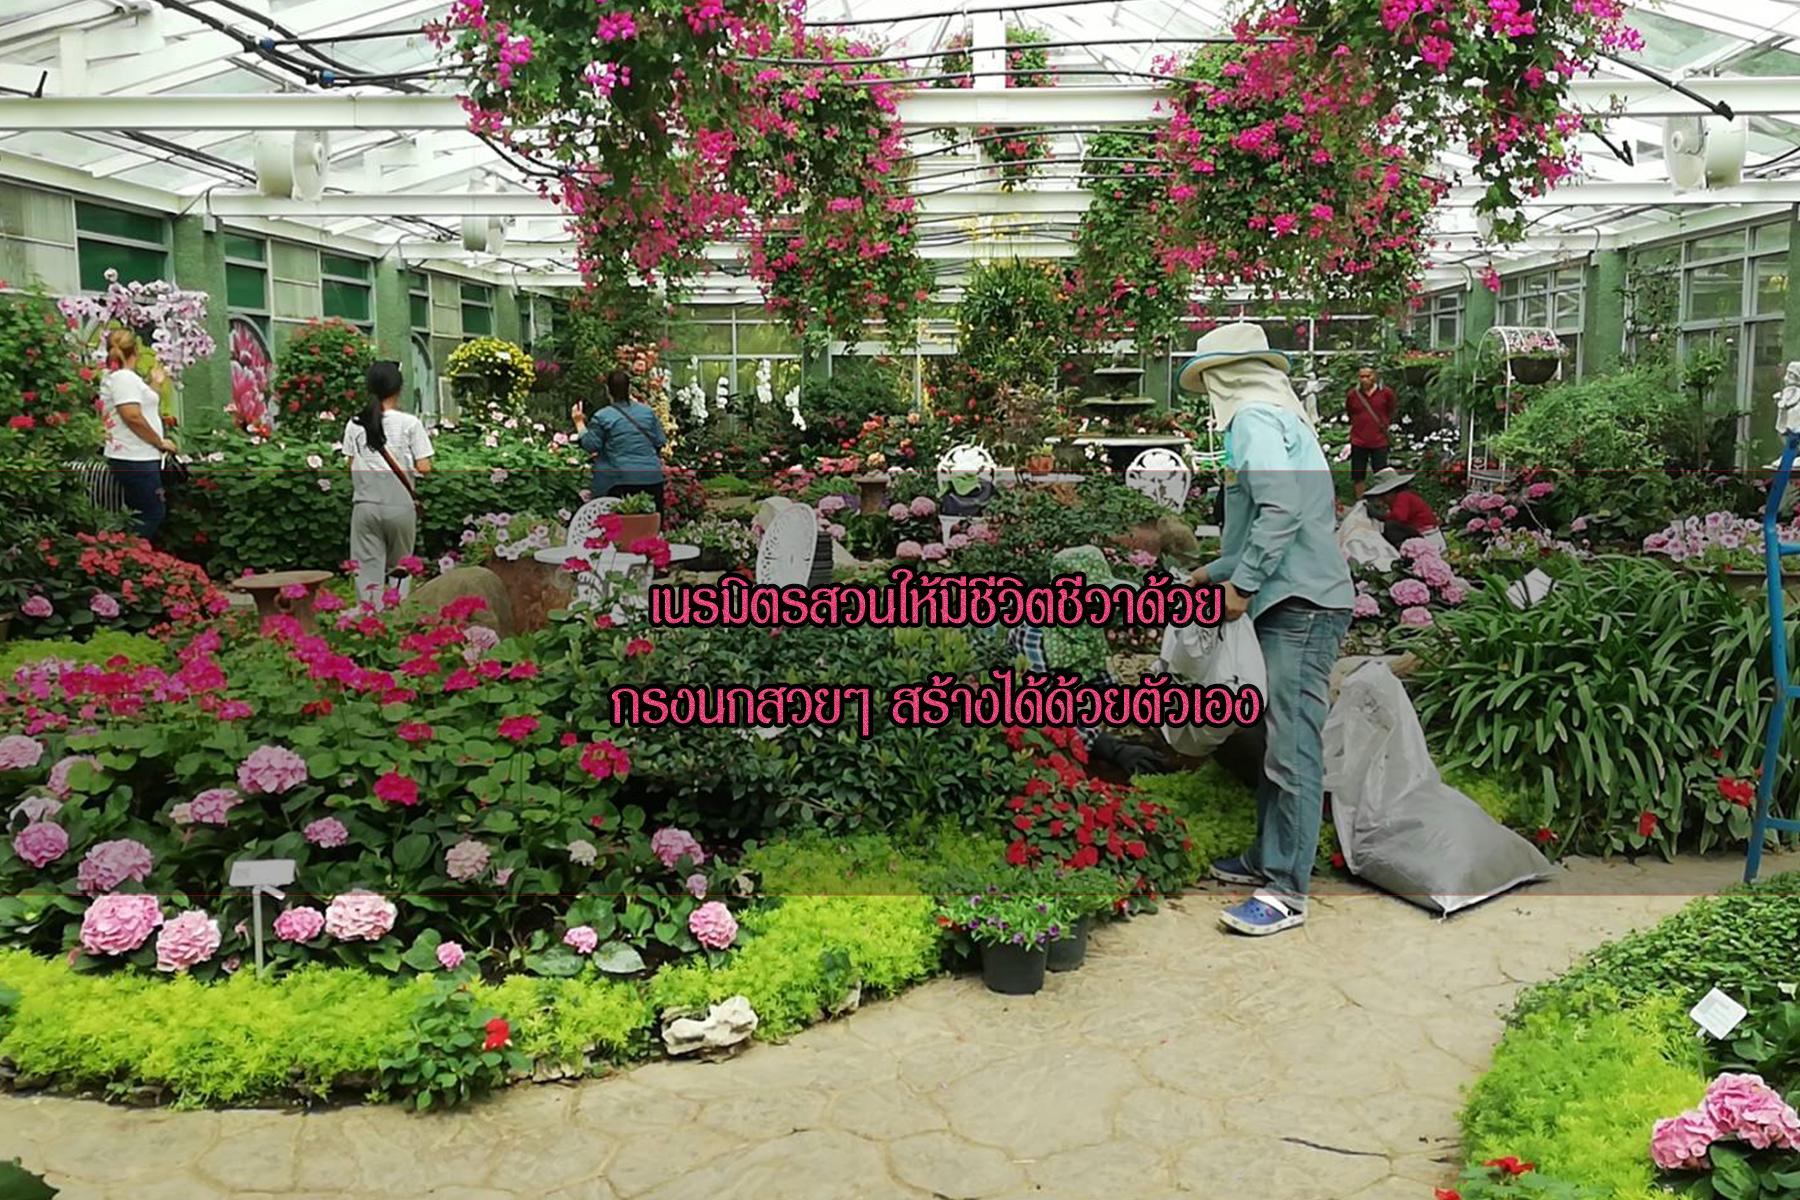 เนรมิตรสวนให้มีชีวิตชีวาด้วยกรงนกสวยๆ สร้างได้ด้วยตัวเองTrendy Home แต่งบ้าน ปรับคอนโด